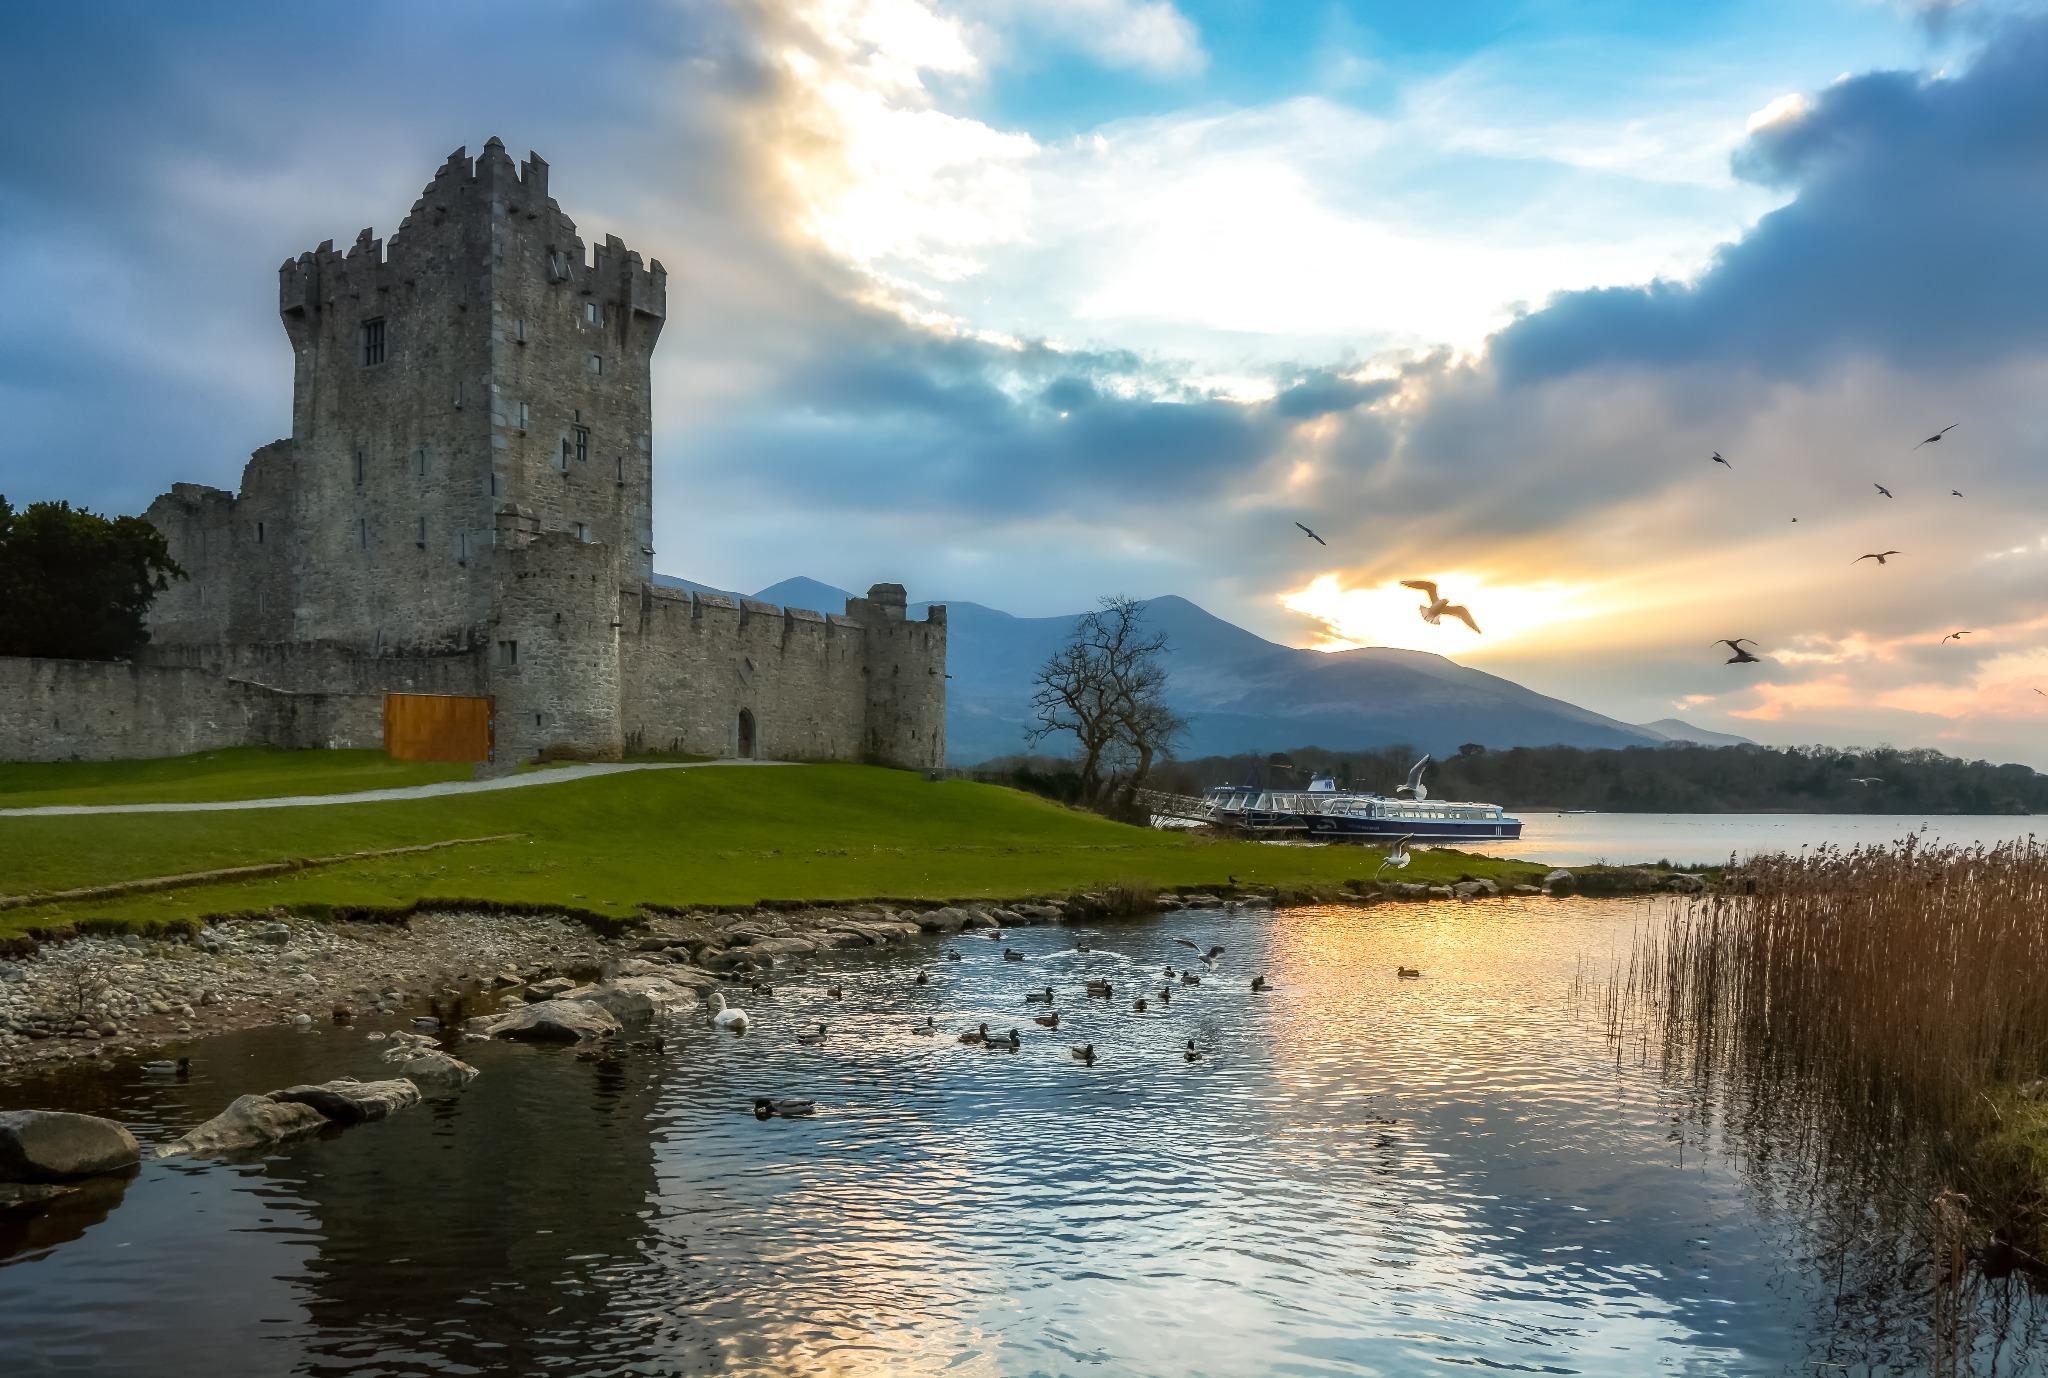 Ross Castle in Ireland.